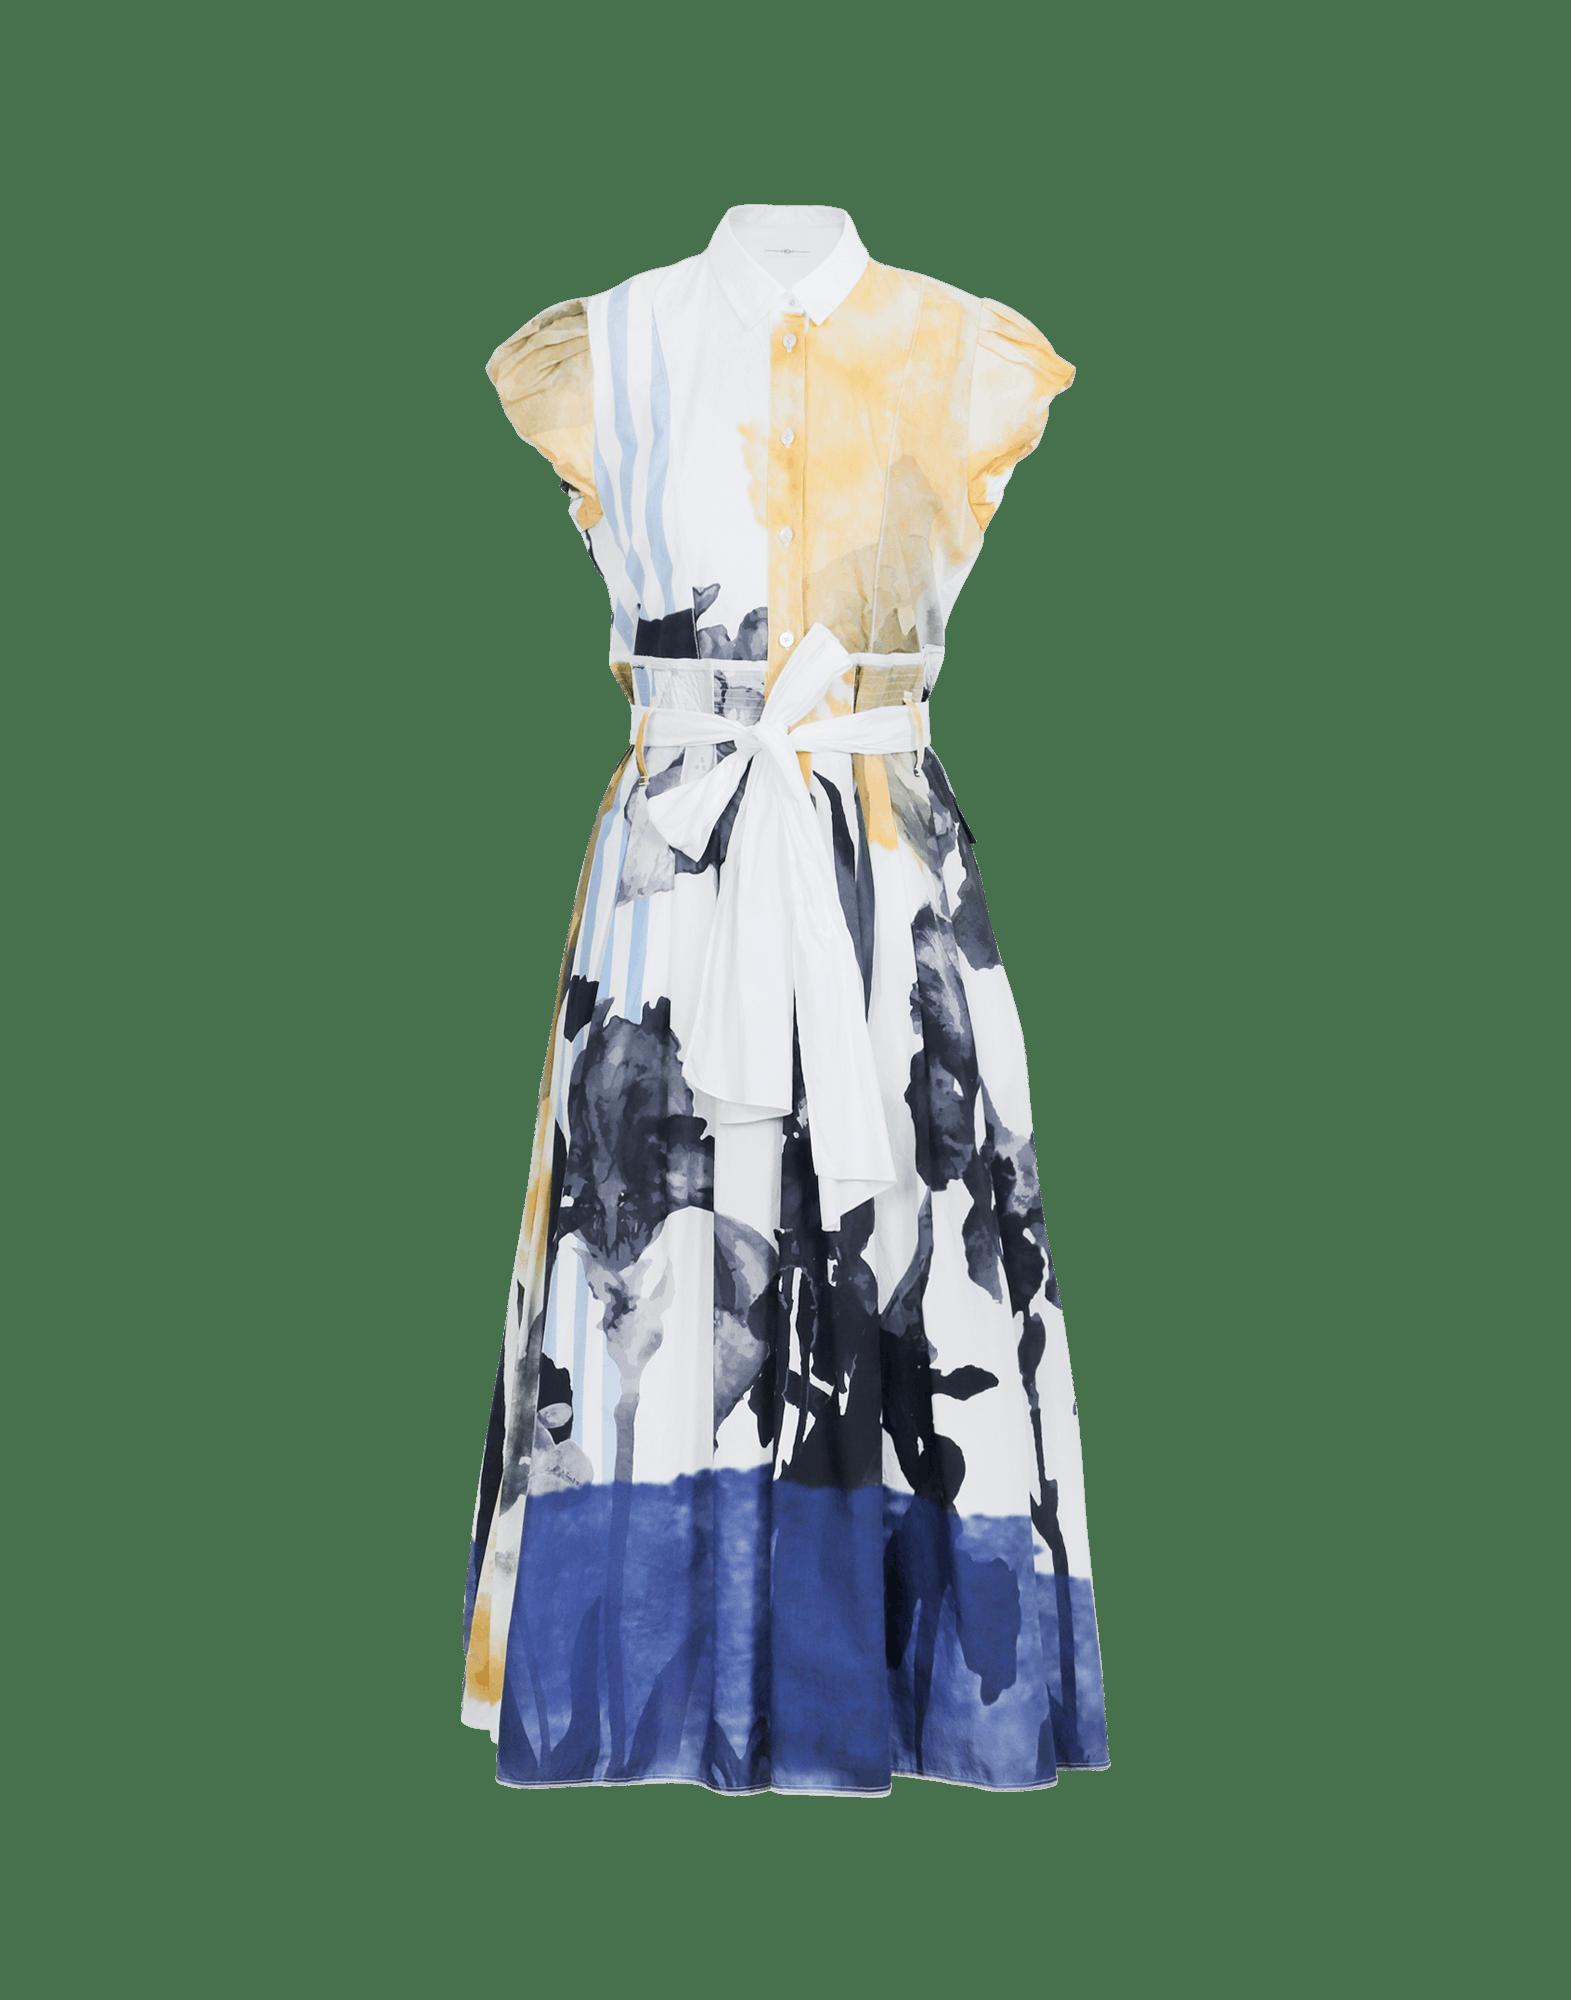 IMAGINATION: Kleid mit kurzen Ärmeln, Blumendruck und weitem Rock